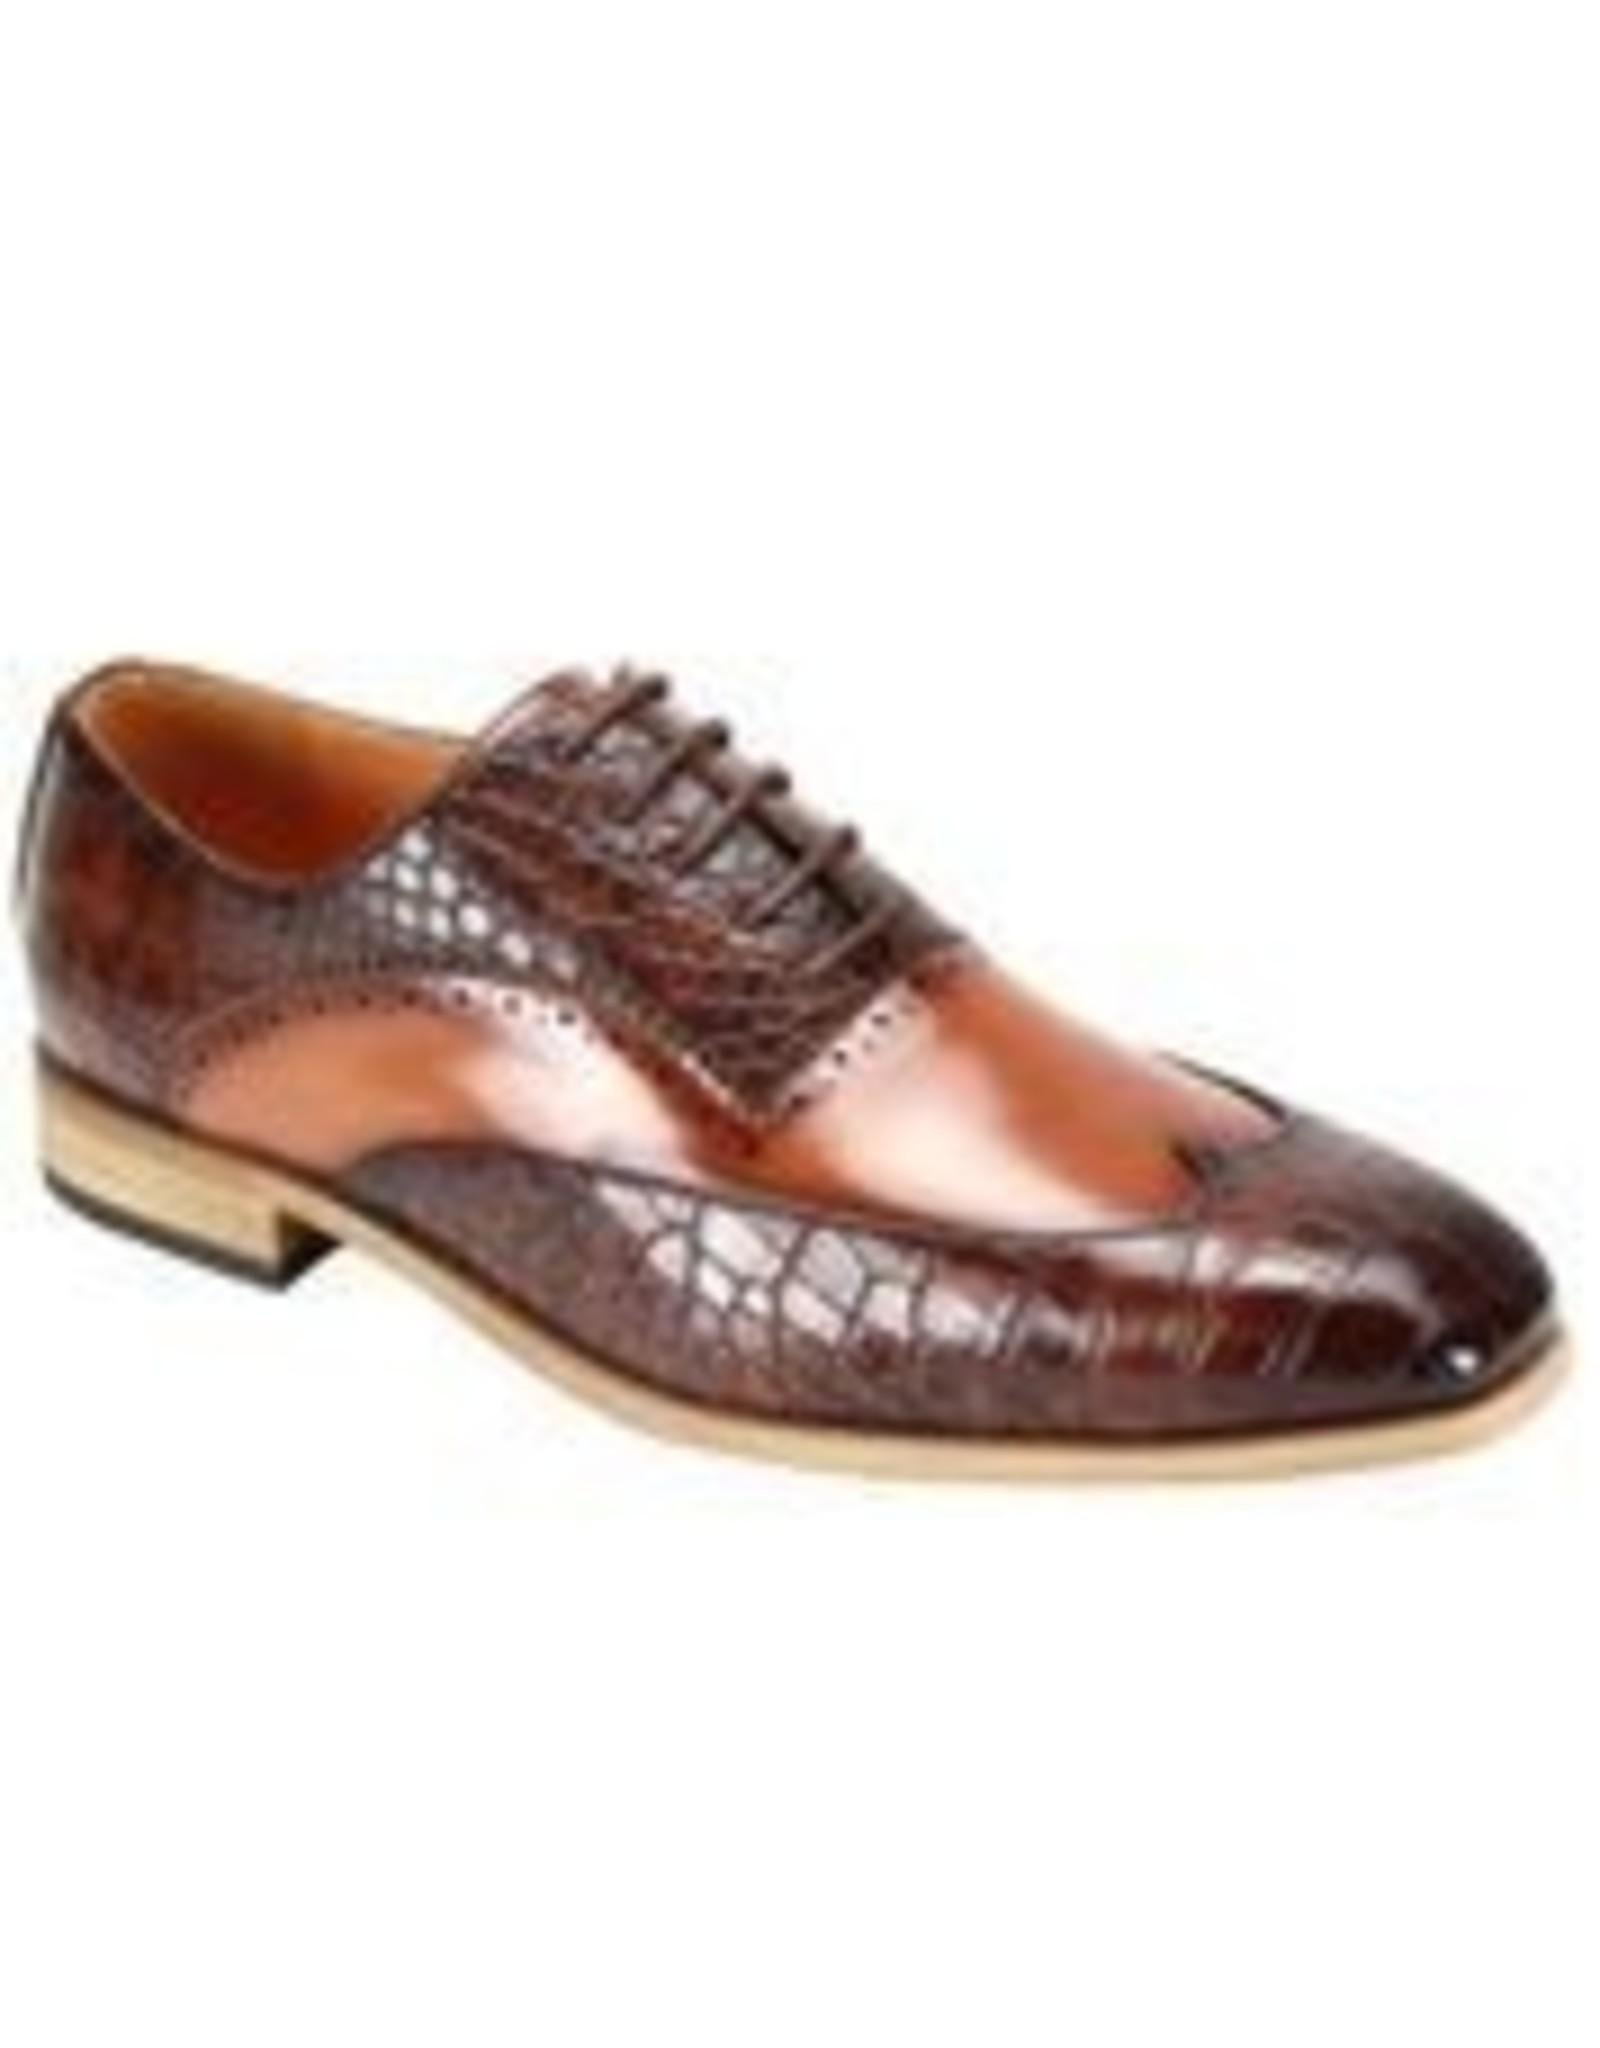 Antonio Cerrelli Antonio Cerrelli 6839 Dress Shoe - Tan